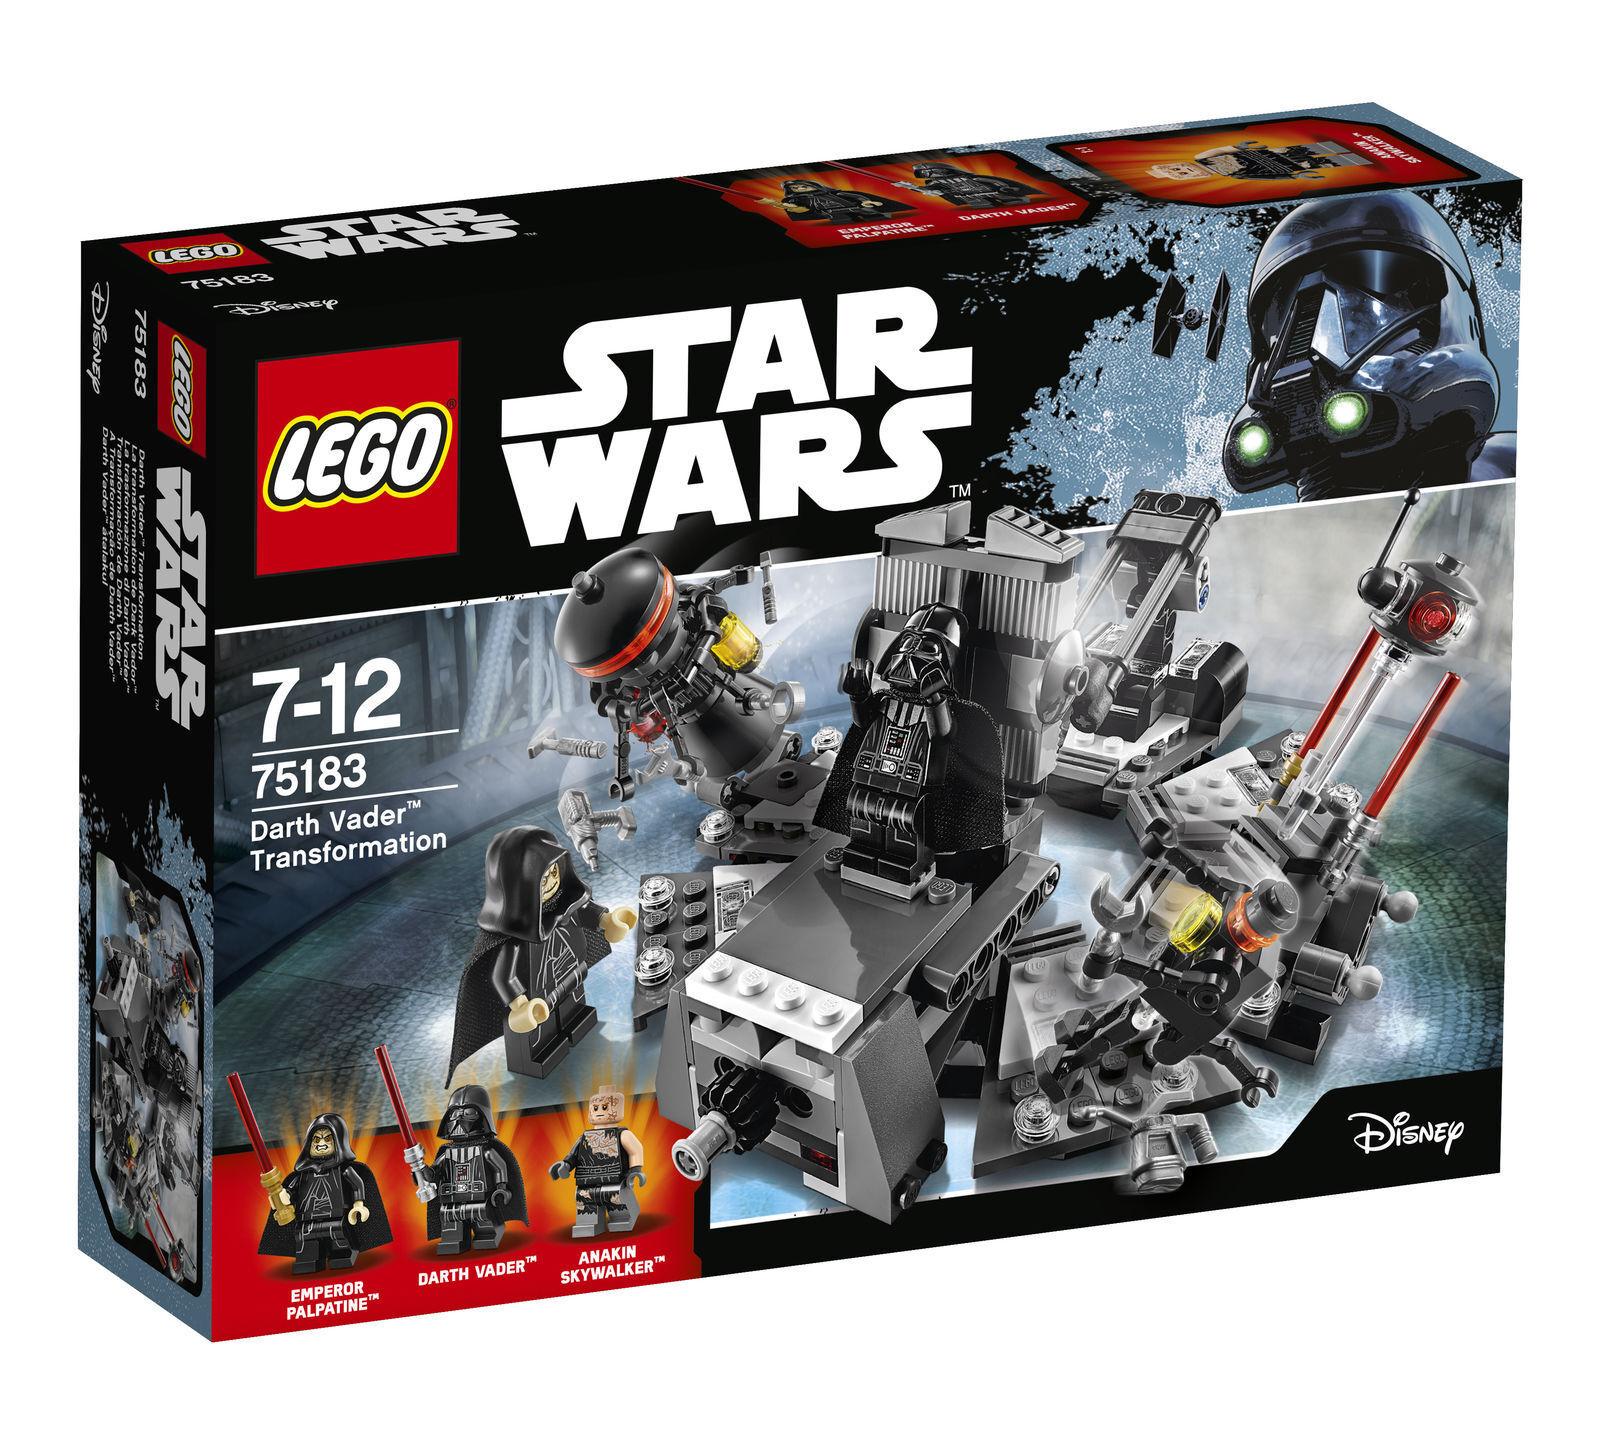 LEGO Estrella Guerras Darth Vader TRASFORMAZIONE 2017 Set 75183